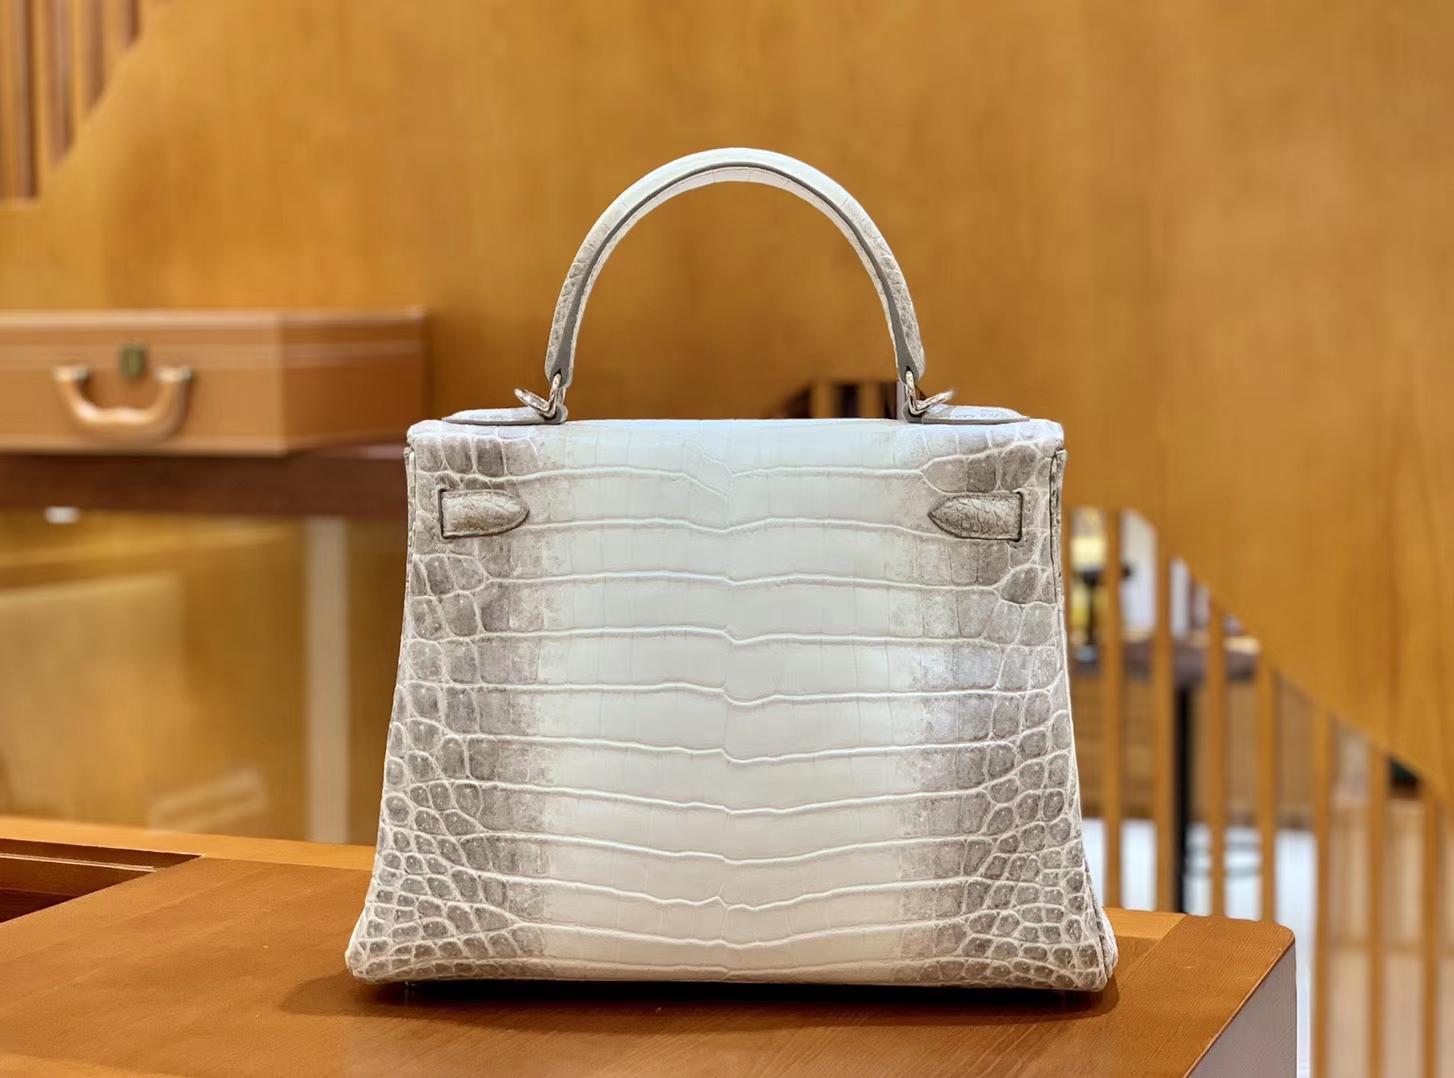 Hermès(爱马仕)Kelly 凯莉包 喜马拉雅 浅色  一级皮 尼罗鳄鱼皮 银扣 28cm